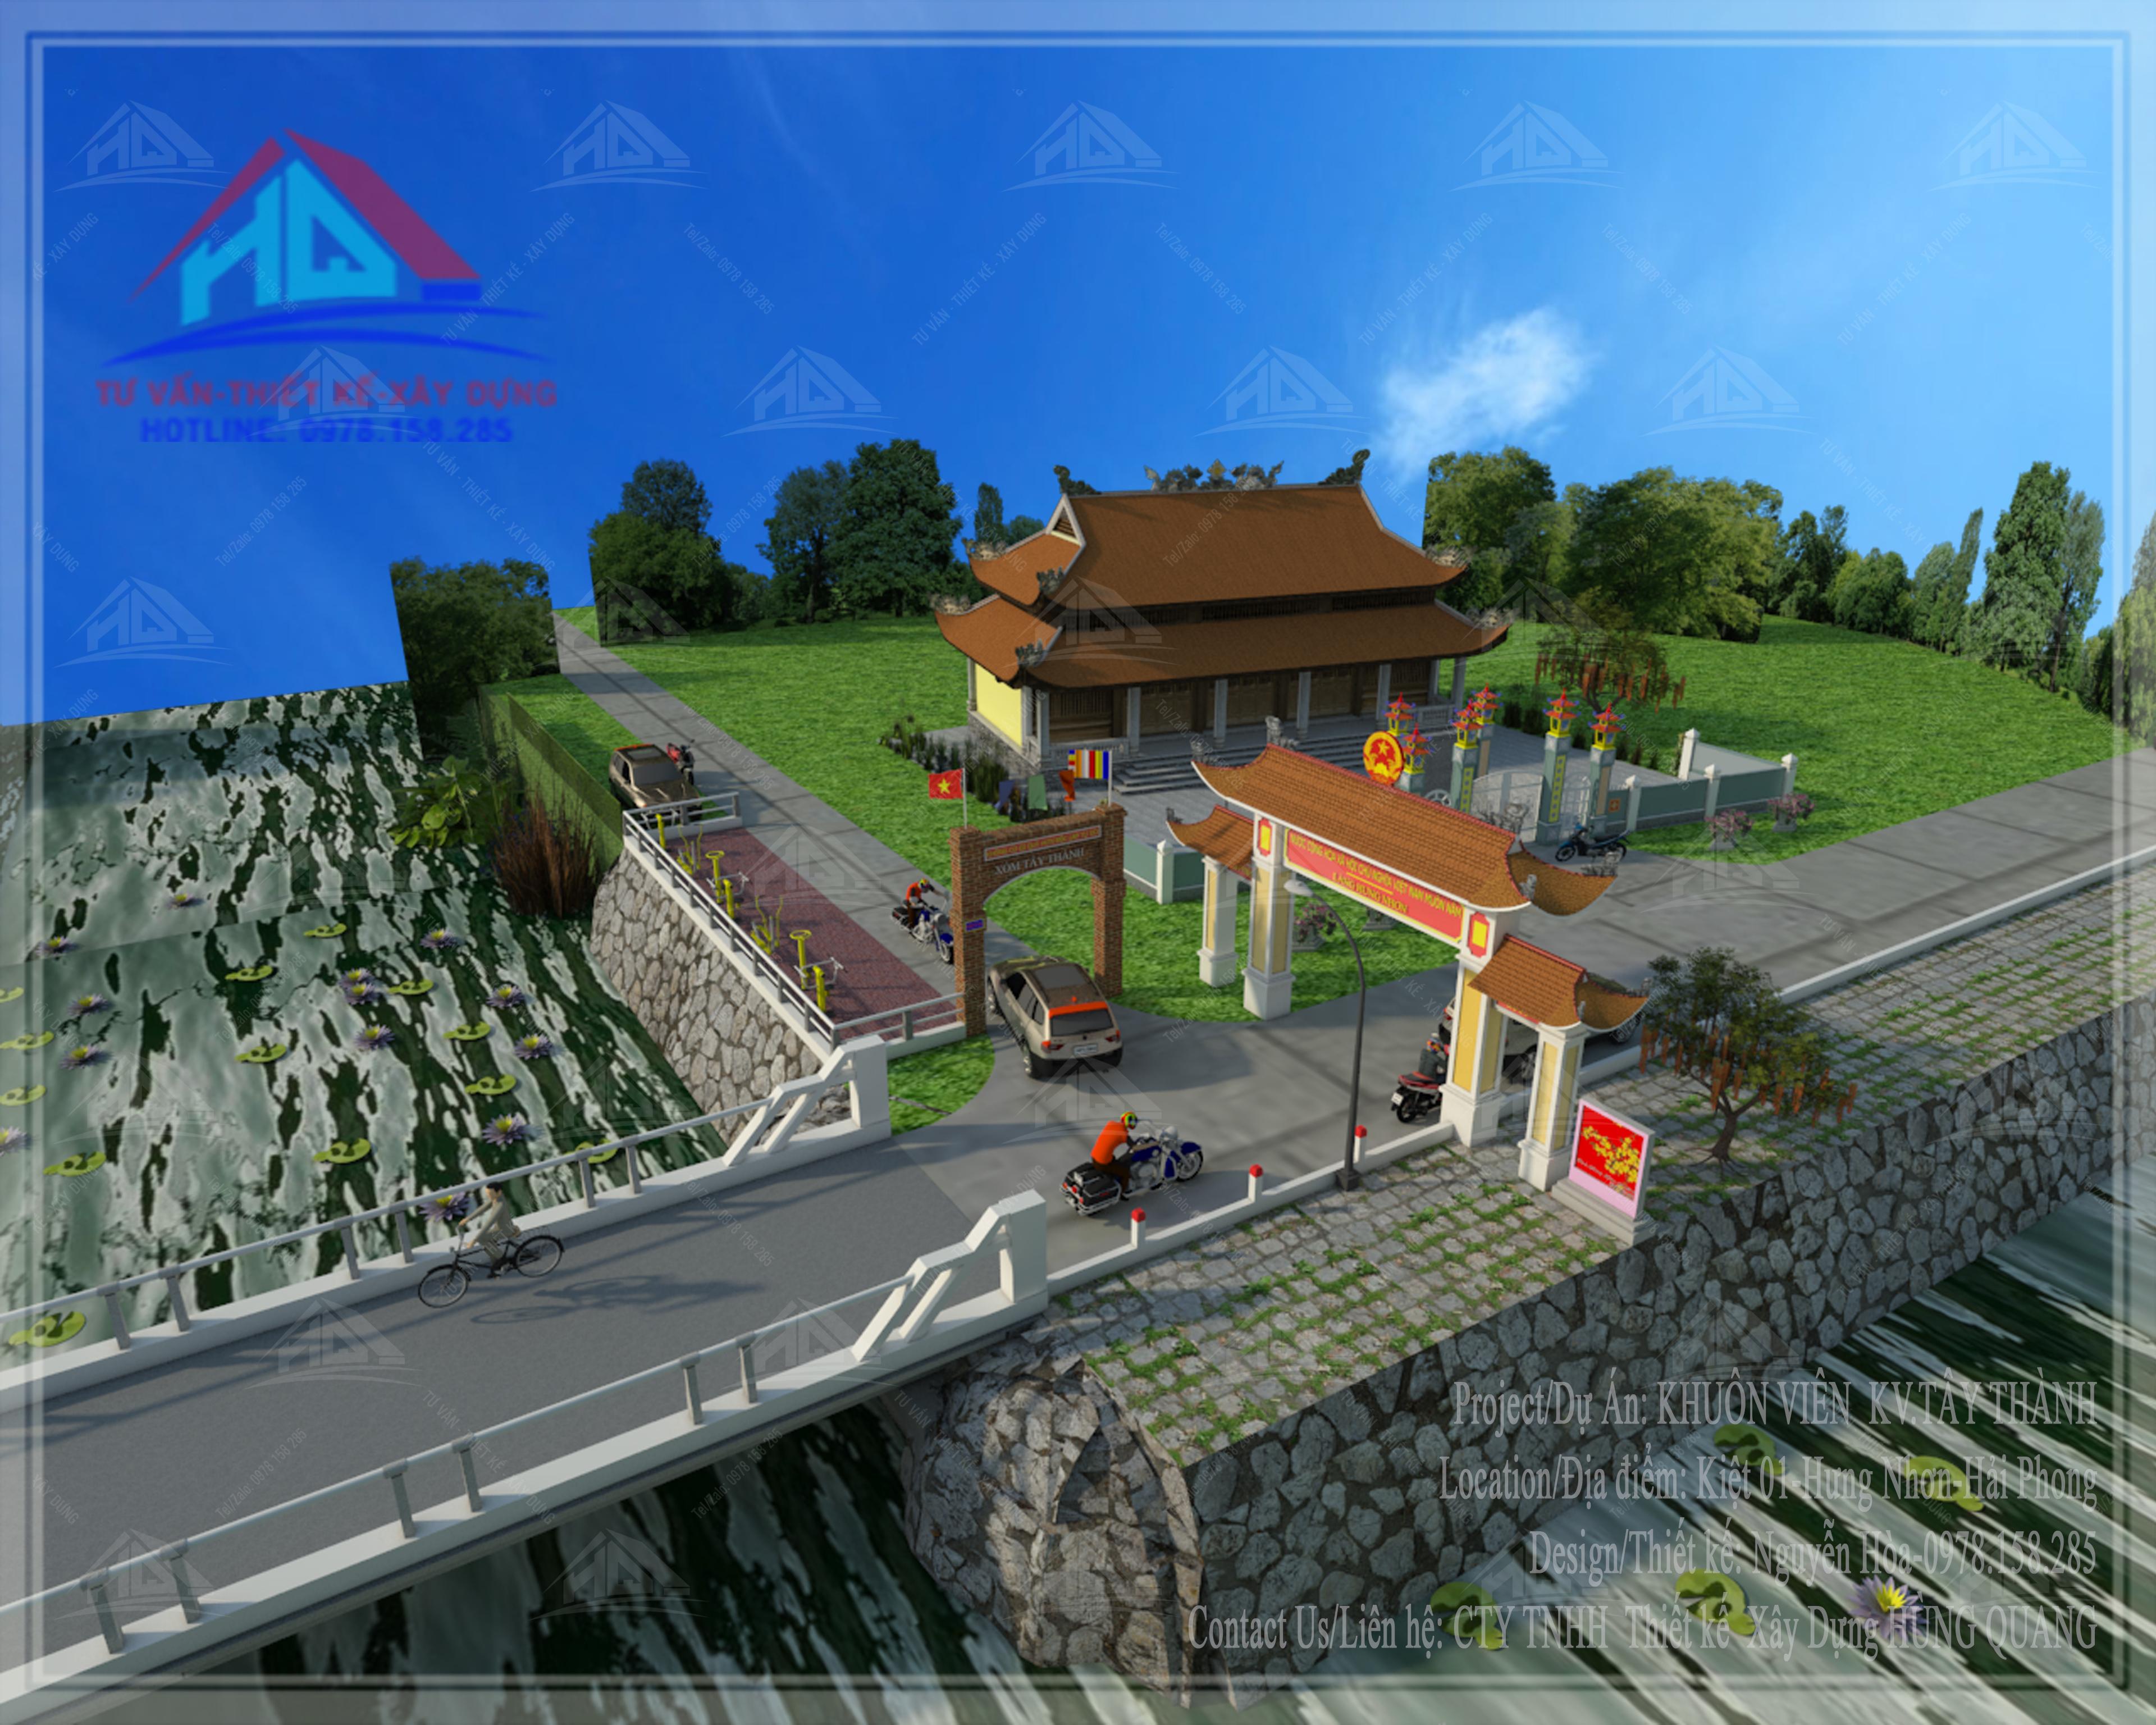 thiết kế công viên đẹp thiết kế chùa đẹp tai quang tri (3)